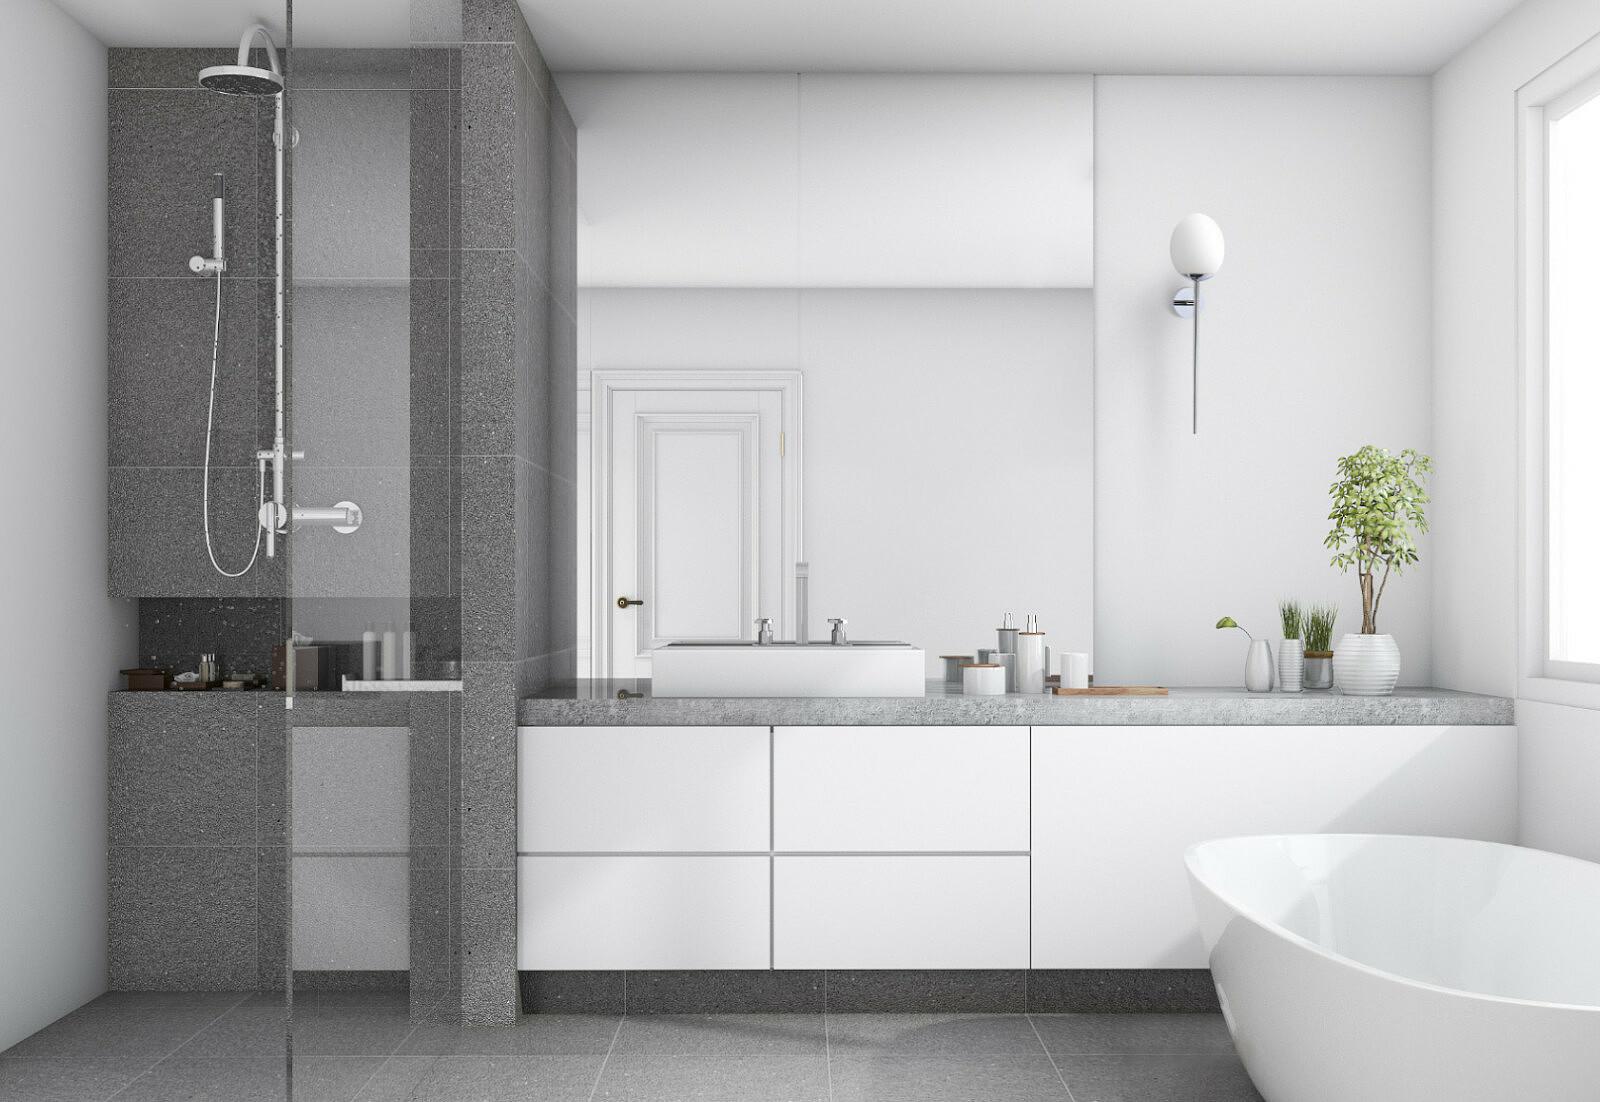 Nowodvorski-Lighting-Torch-Lighting-for-Bathroom.jpg [246.08 KB]